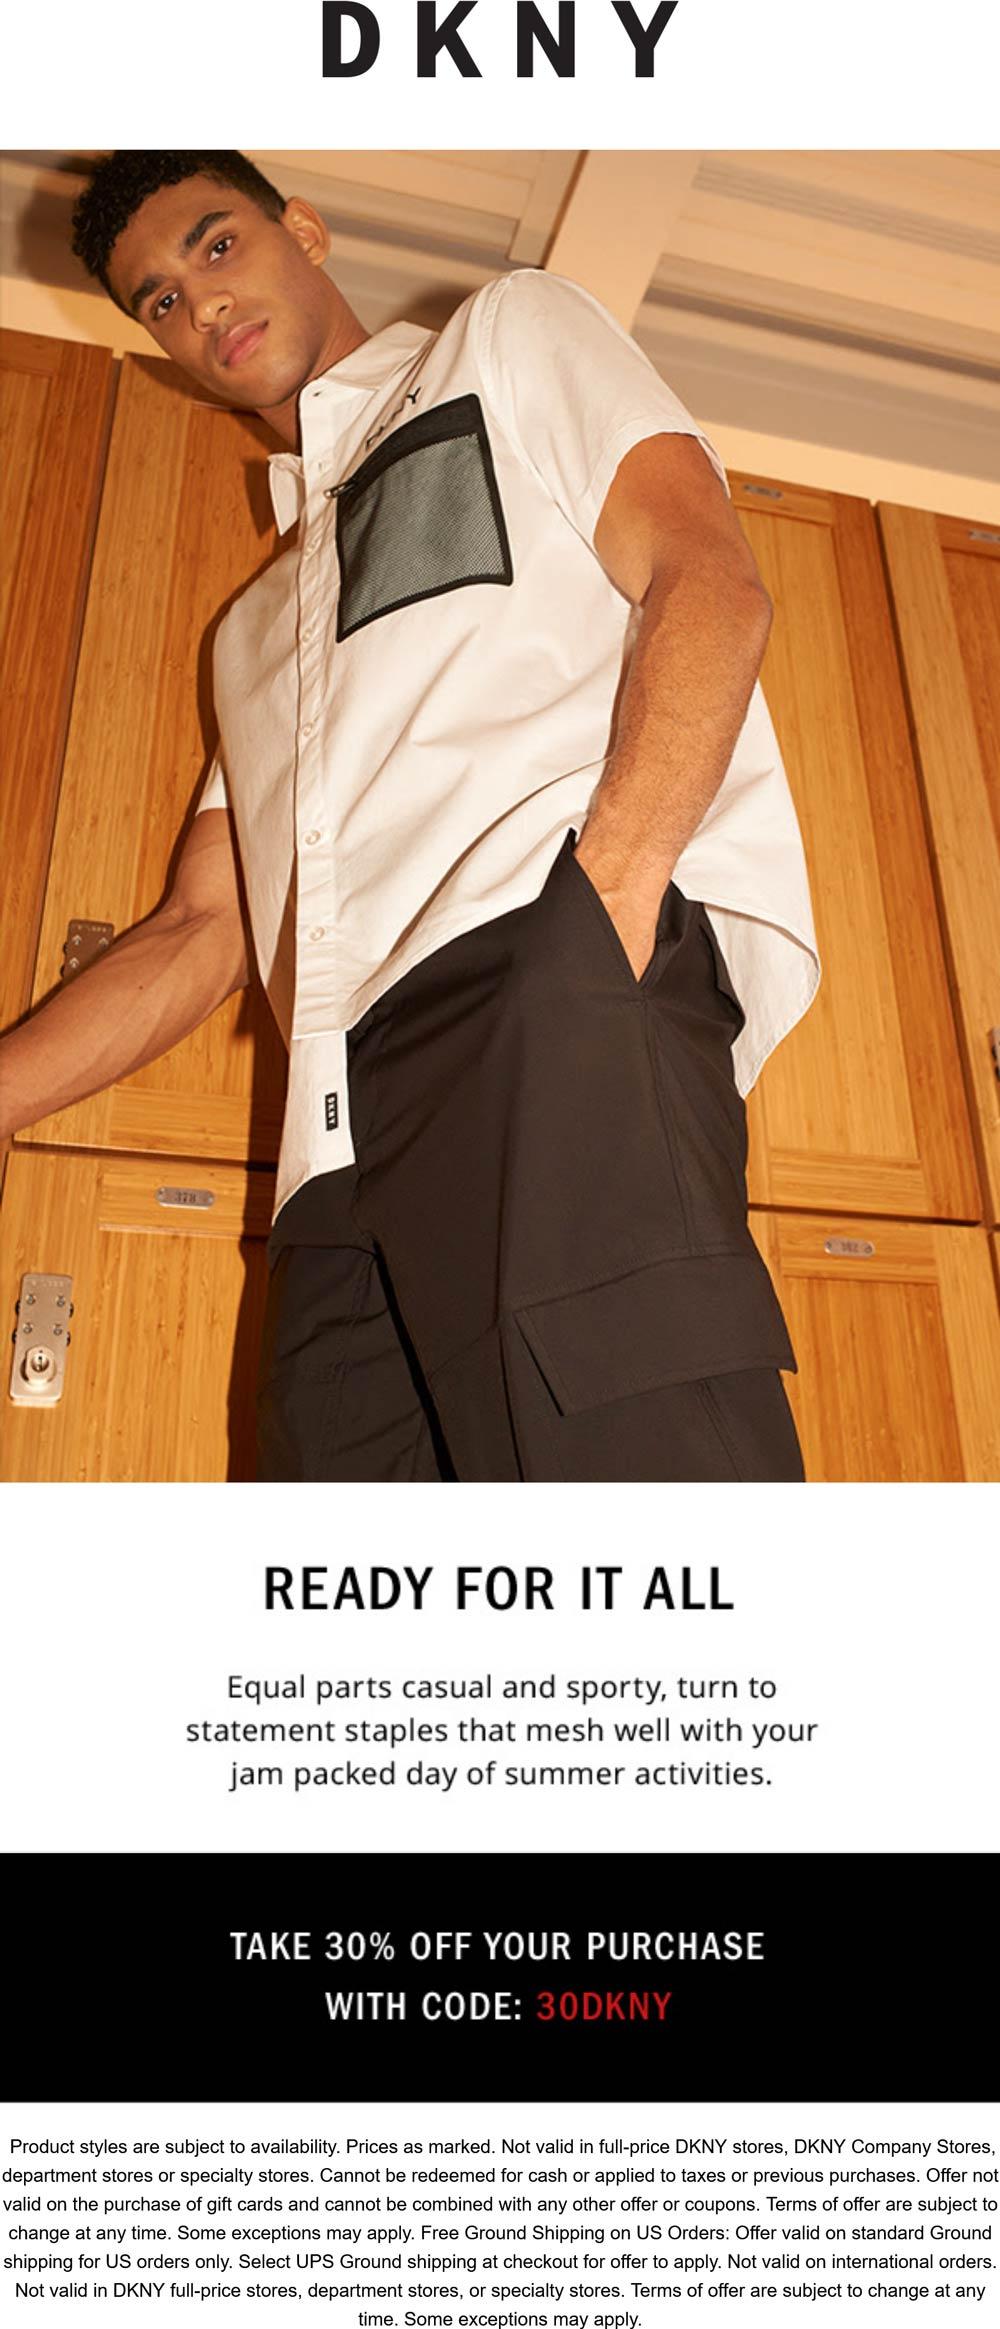 DKNY stores Coupon  30% off at DKNY via promo code 30DKNY #dkny